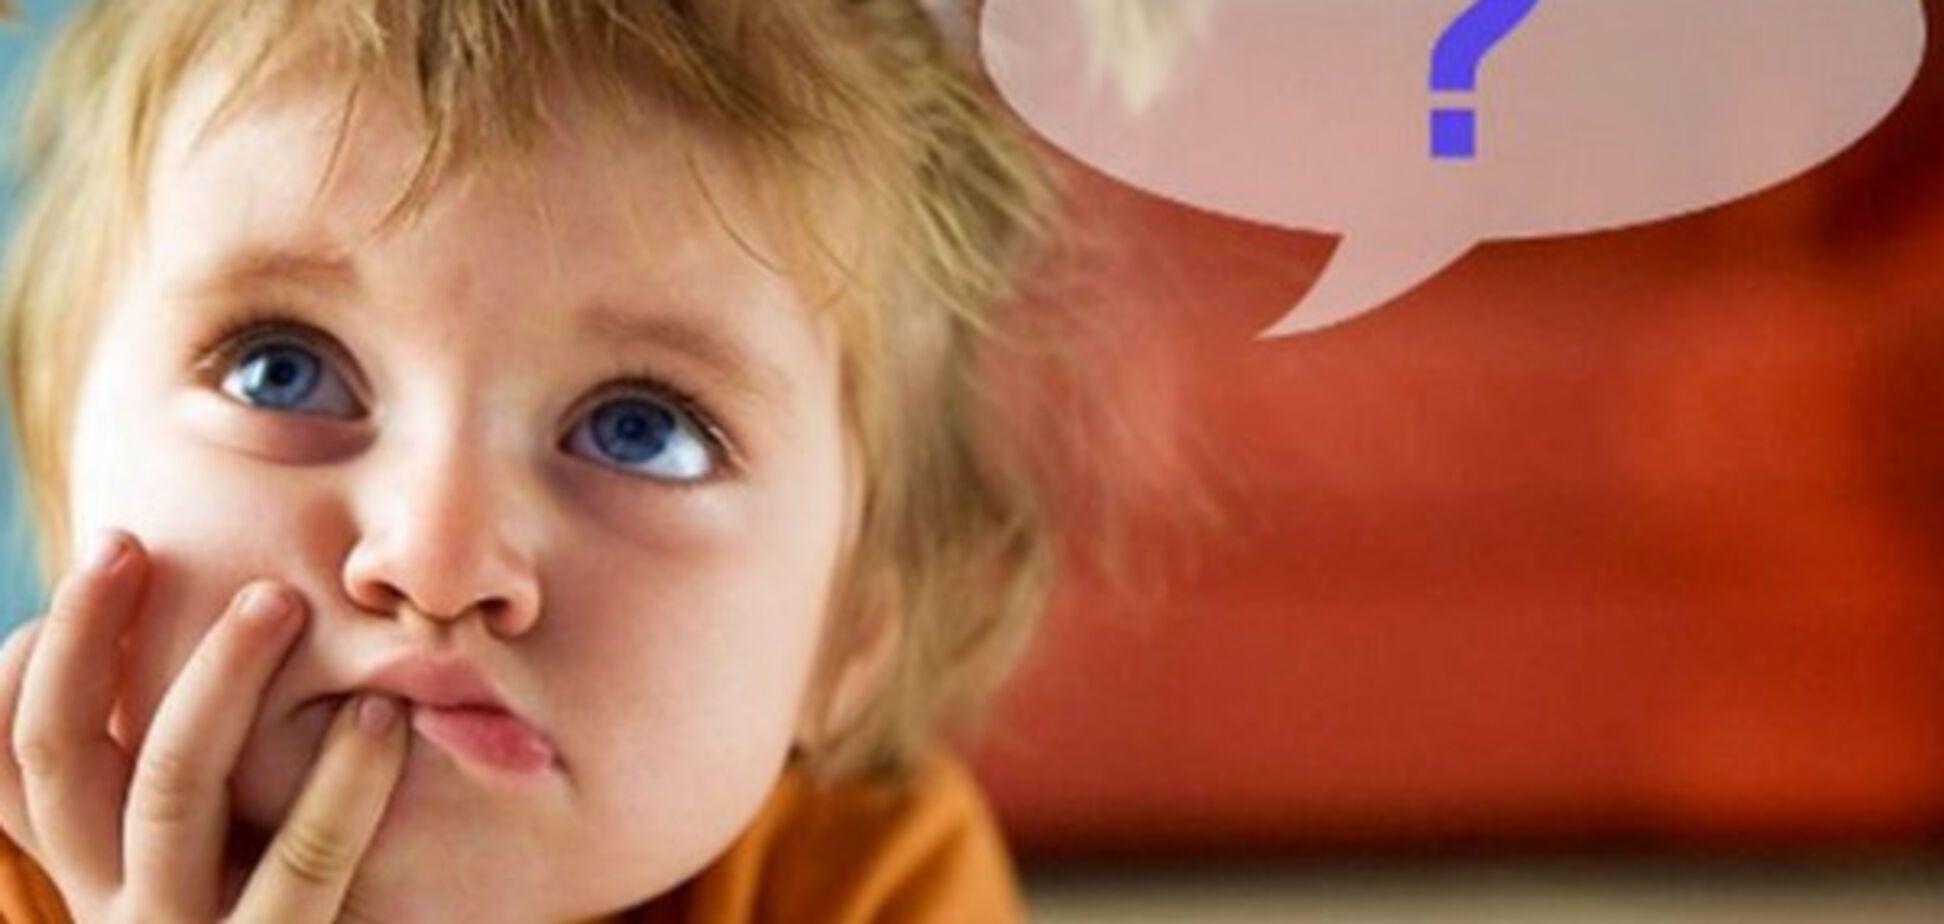 Маленький почемучка: три главных принципа, как отвечать на детские вопросы